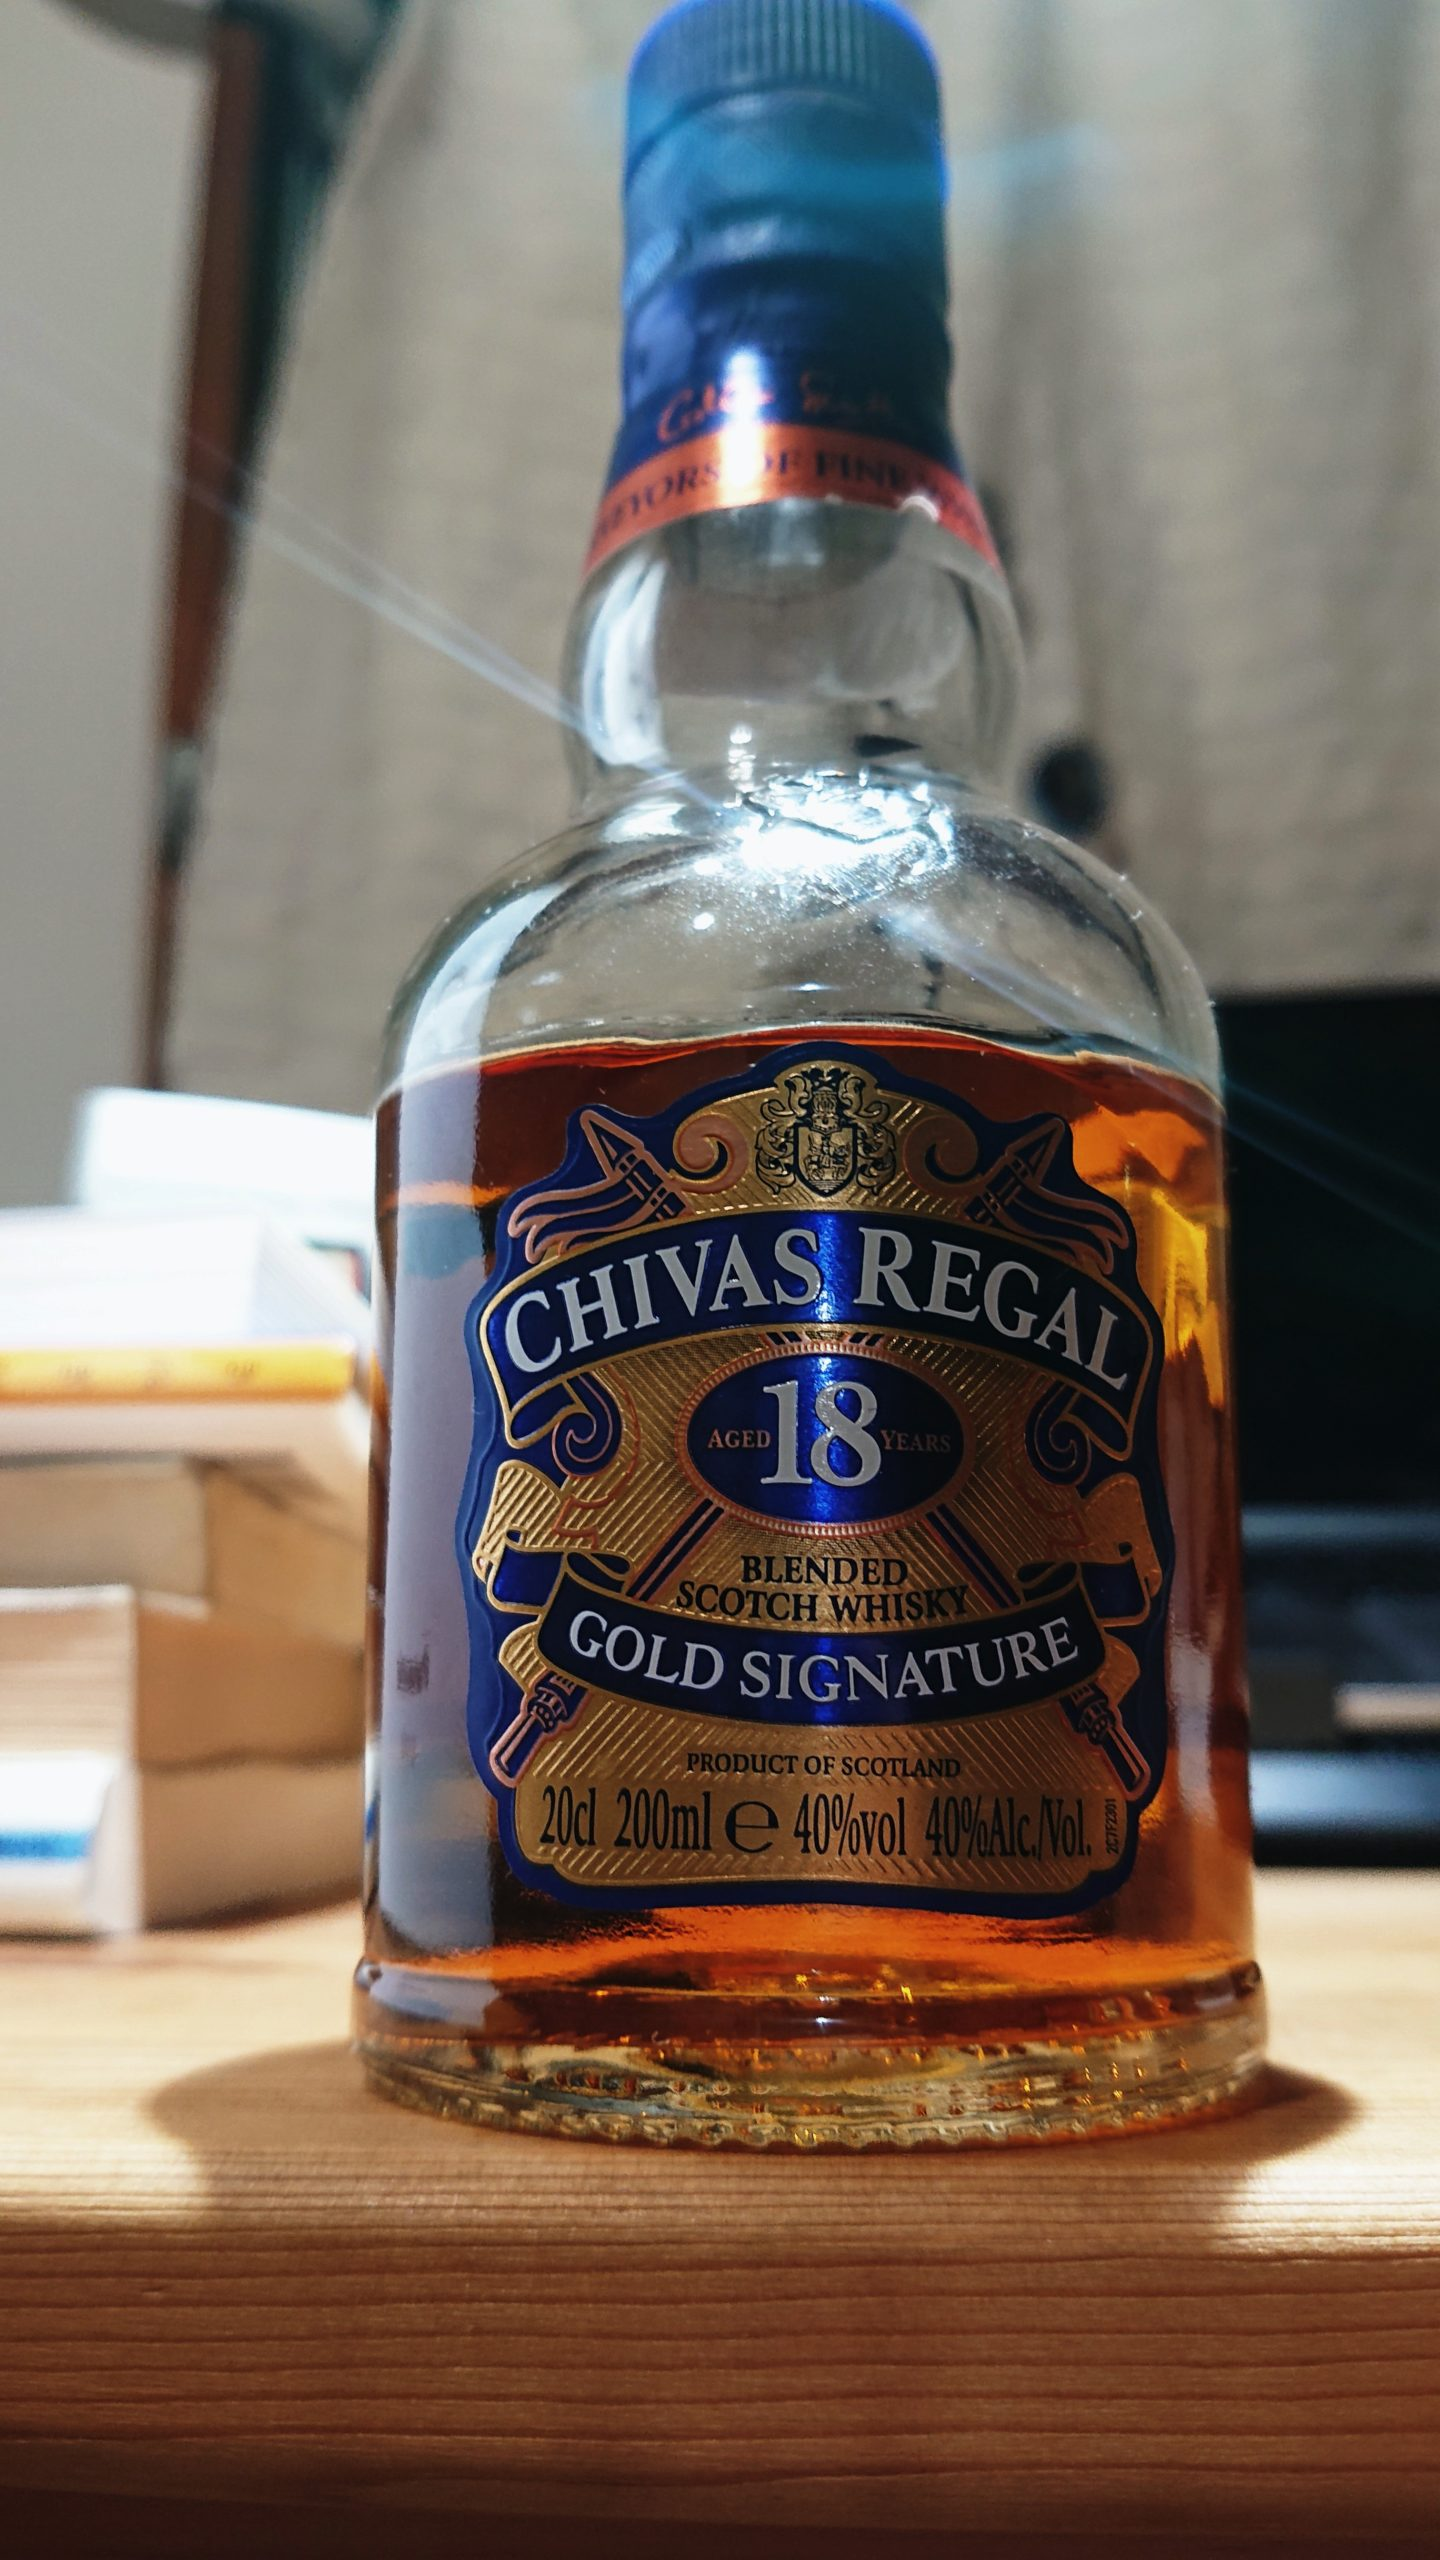 シーバスリーガル18年のテイスティング&レヴュー・定番ブレンデッドの長熟版。まるでプリンアラモードな濃厚甘味スイーツウィスキー!